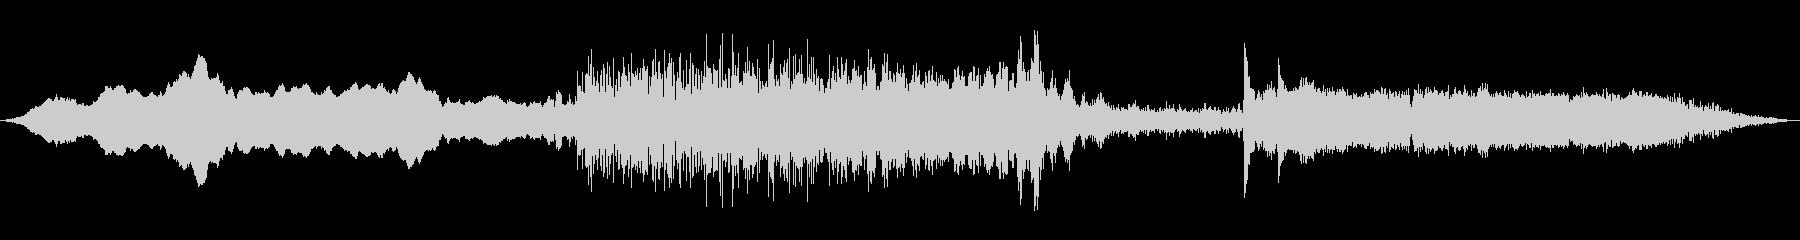 空間破壊音楽パッドの未再生の波形